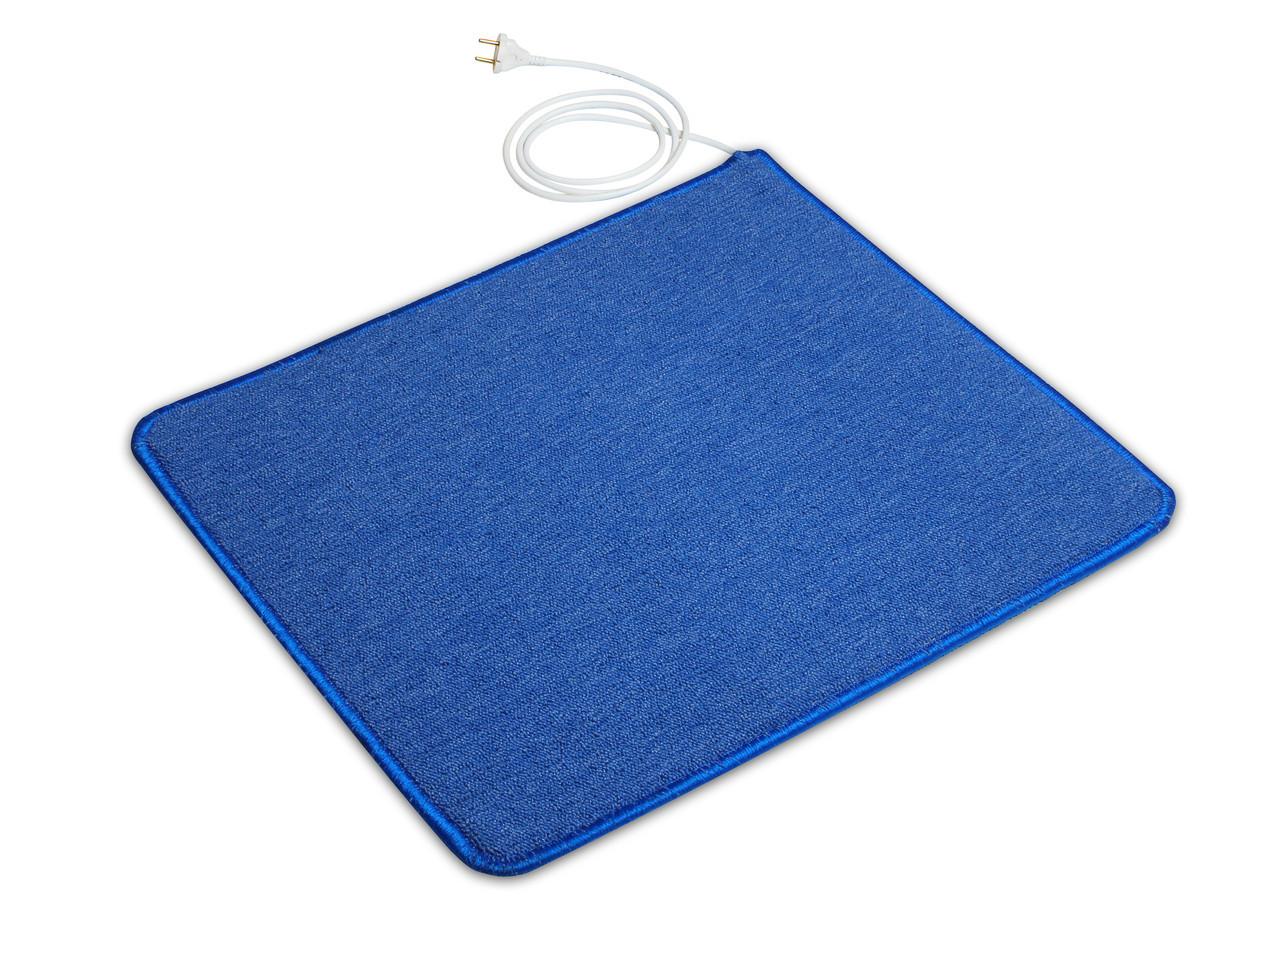 Коврик с подогревом 630мм х 530 мм (синий) Солрей